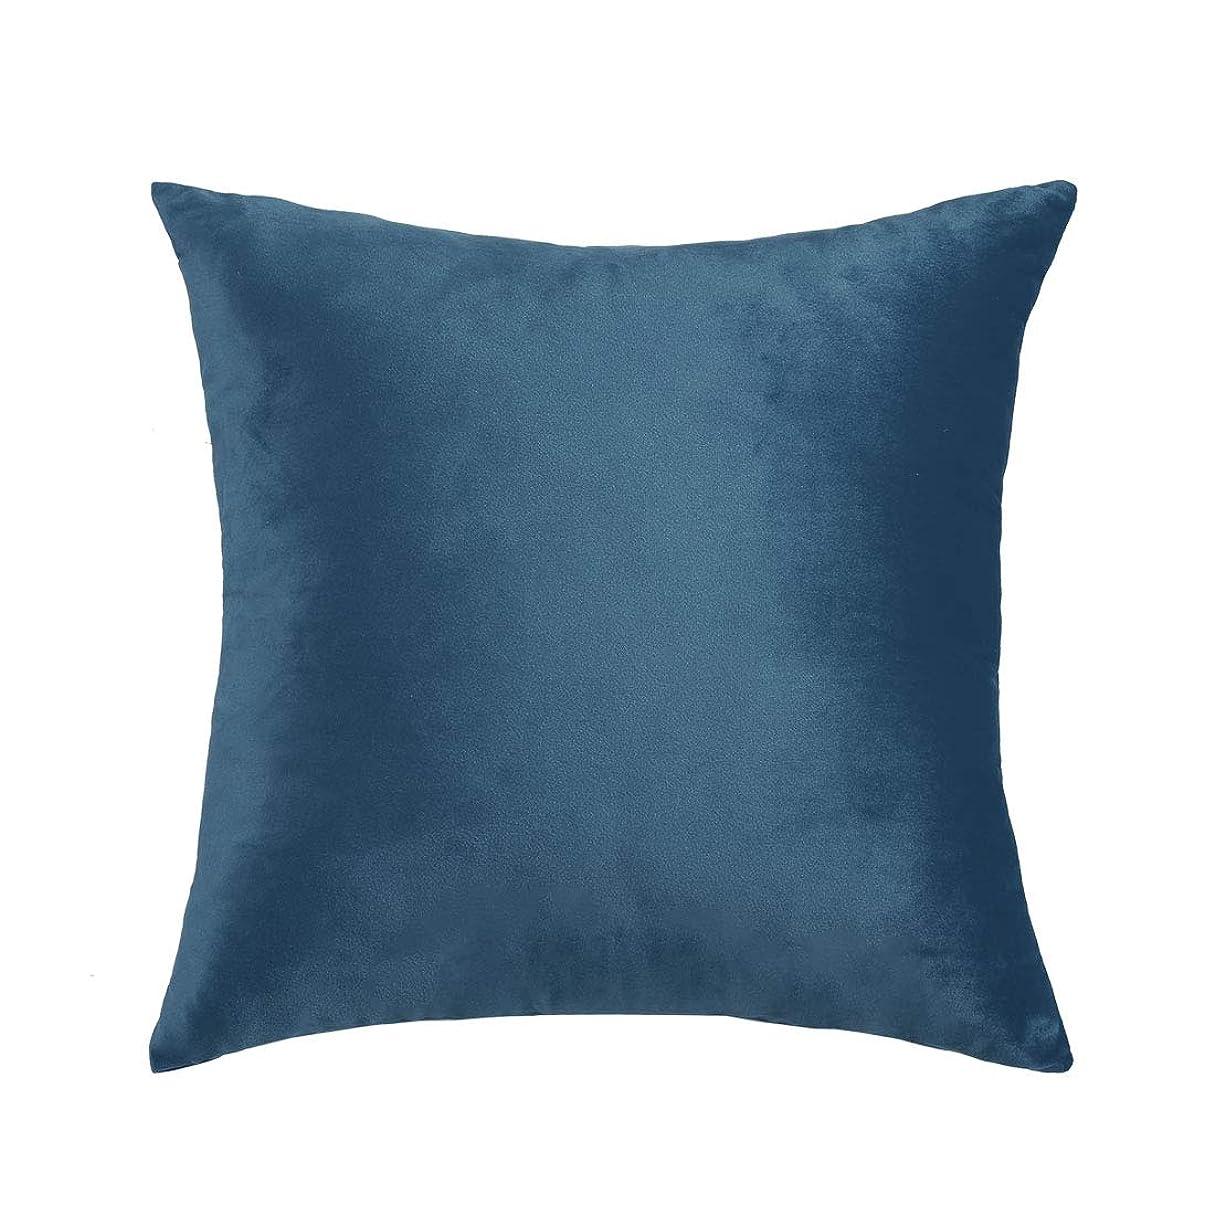 怒って儀式レベルuxcell ベルベット枕カバー?45 cmx45 cm?装飾的なスロークッションカバーラグジュアリー?ユーロスクエア枕?ソファソファベッドチェア用 紺 1個